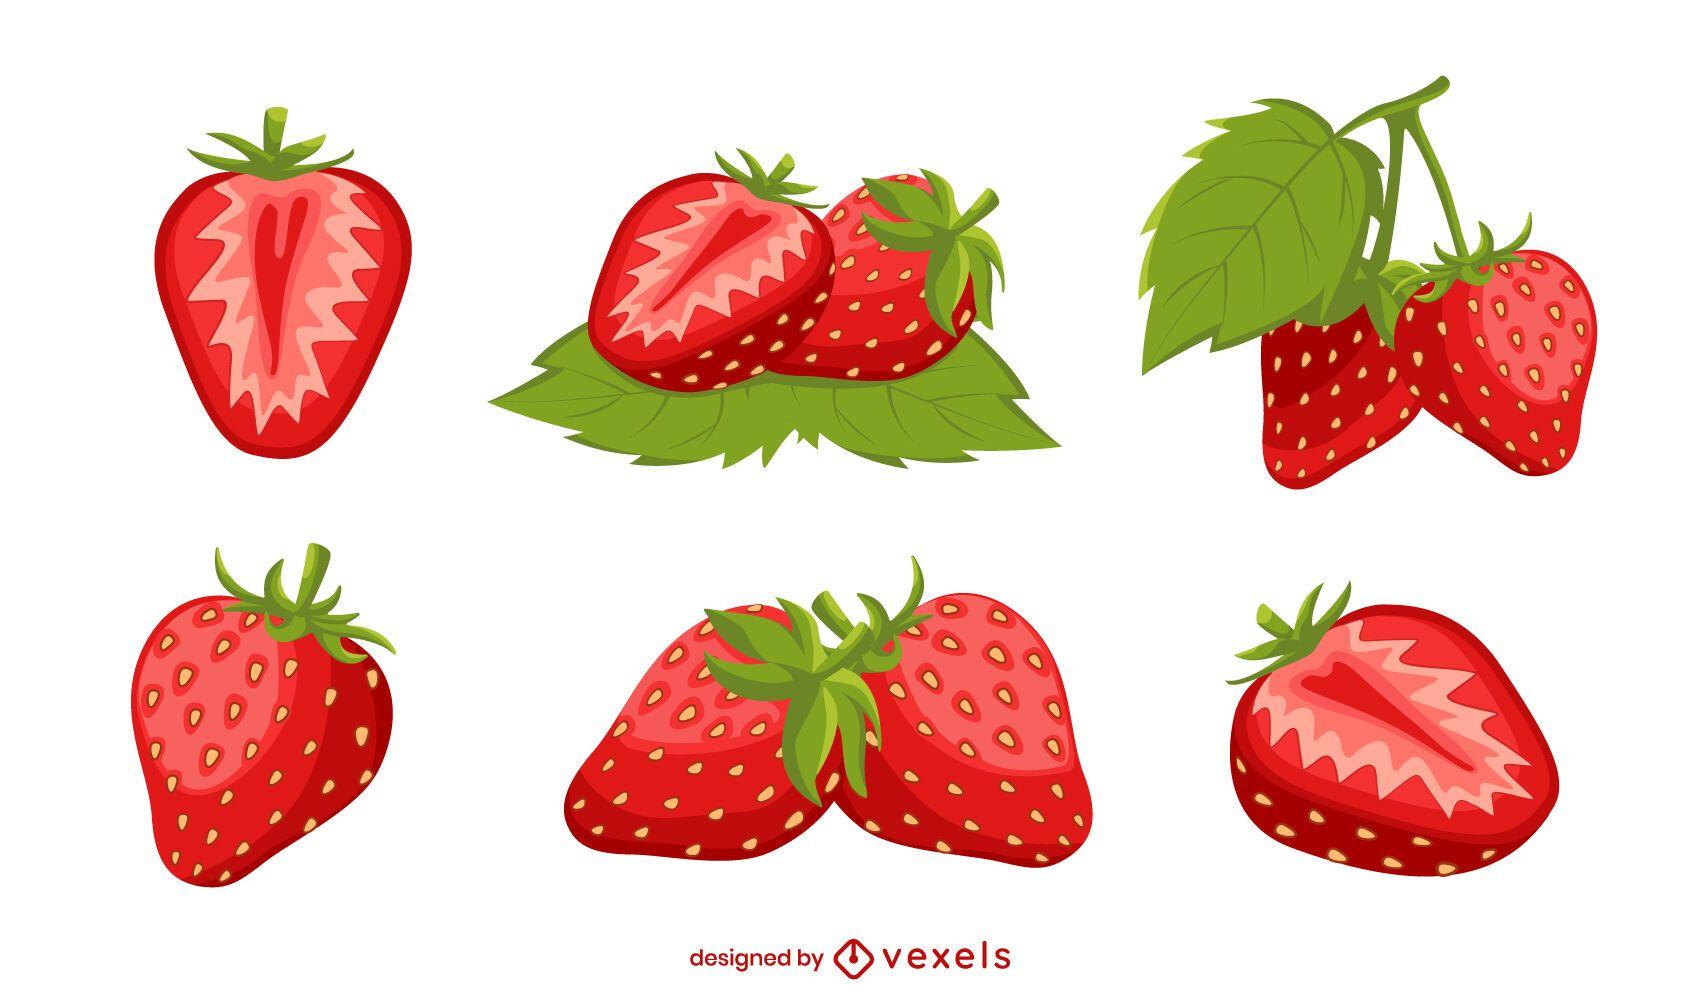 Detaillierte Abbildung der Erdbeere